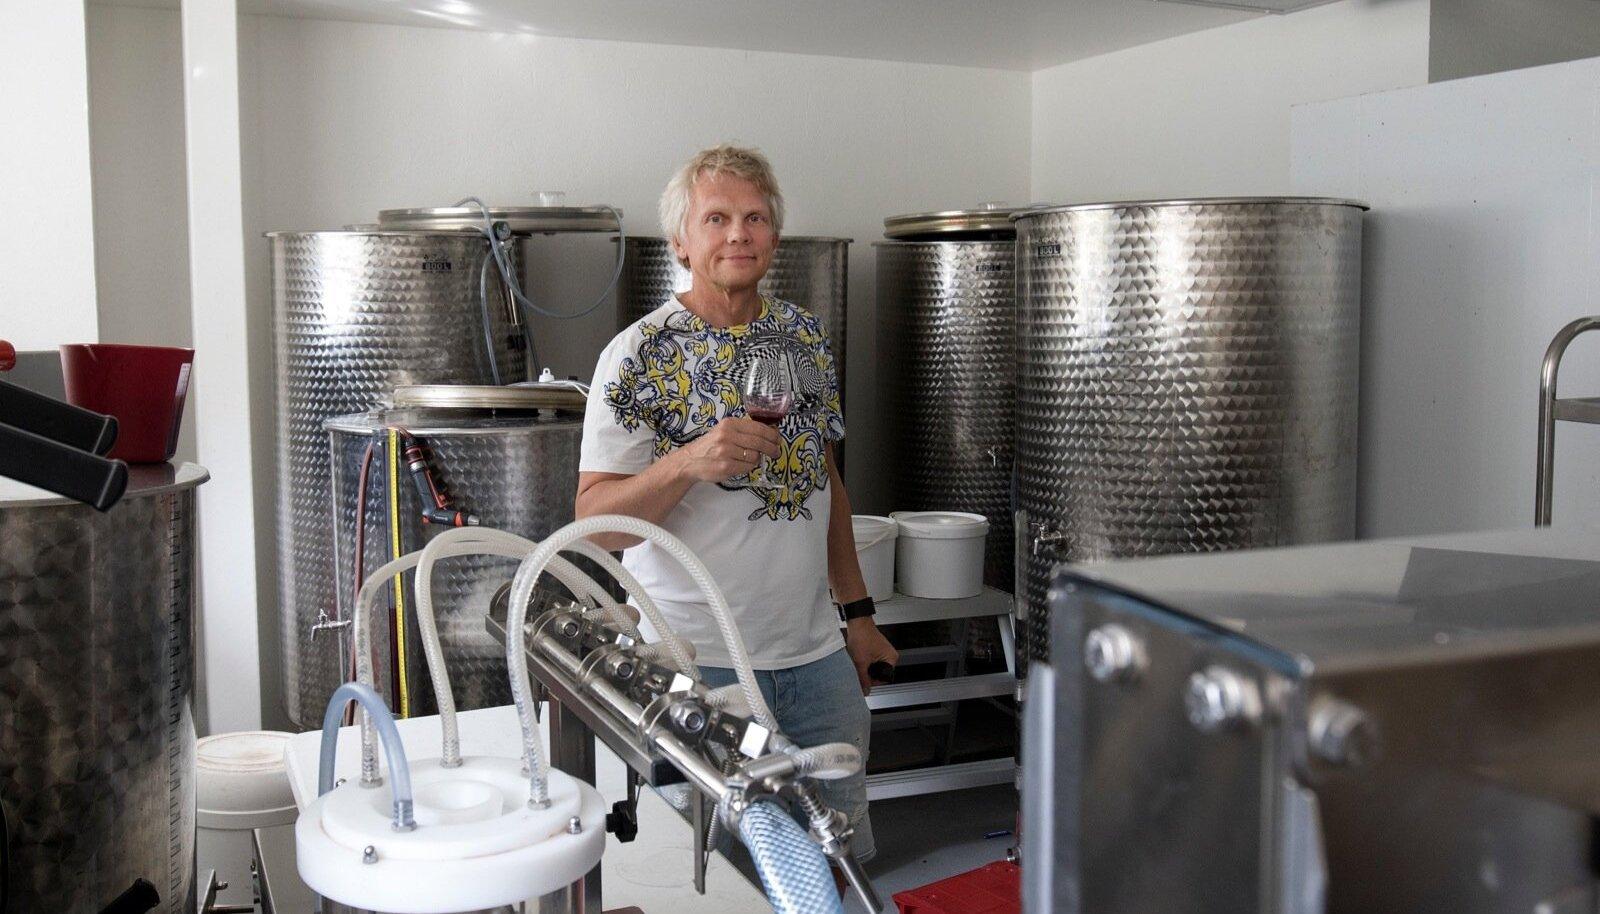 Veinitööstuse köögipool. Suurtes mahutites käärib vein.